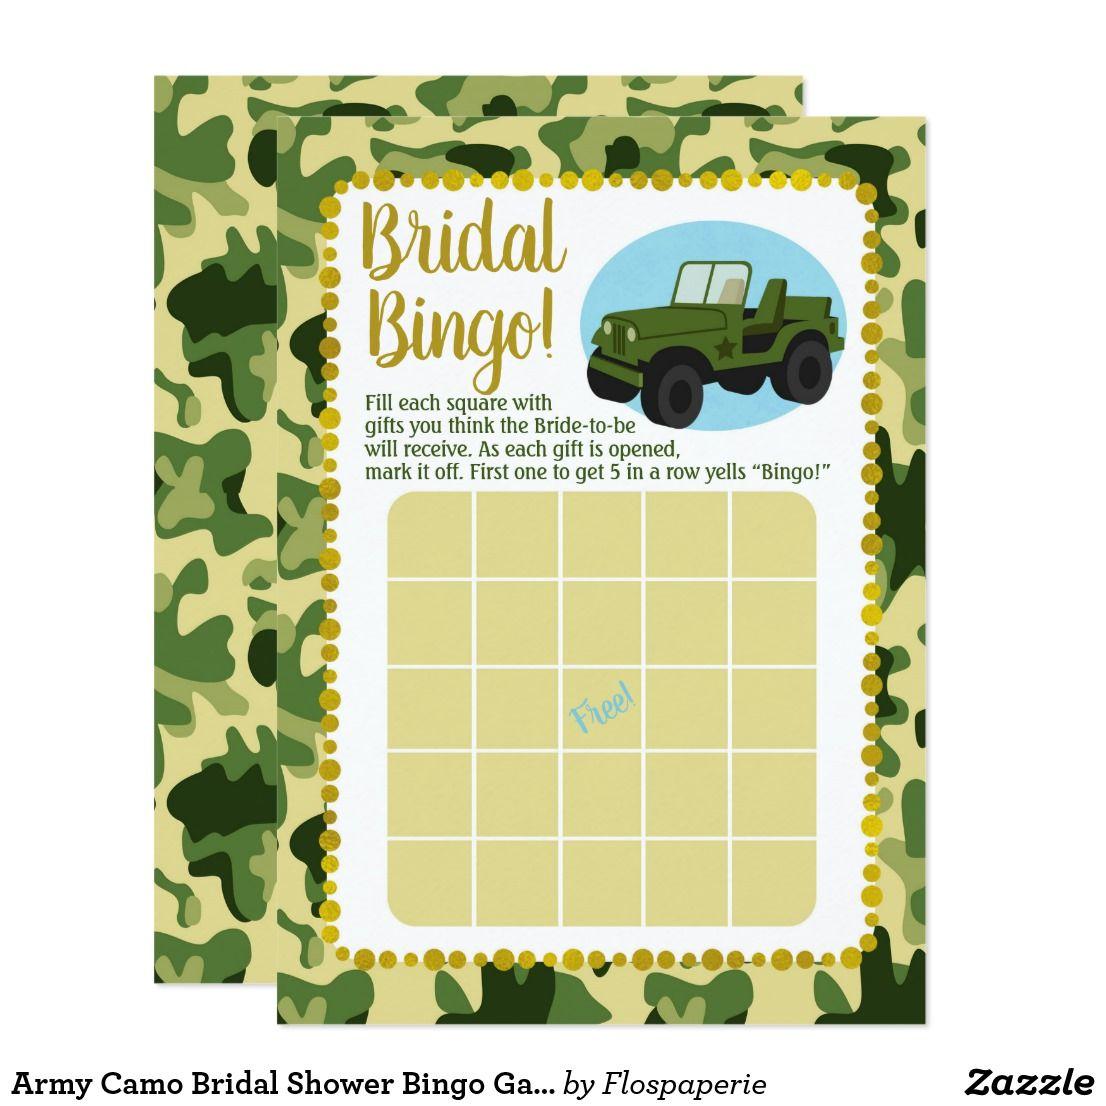 army camo bridal shower bingo game invitation